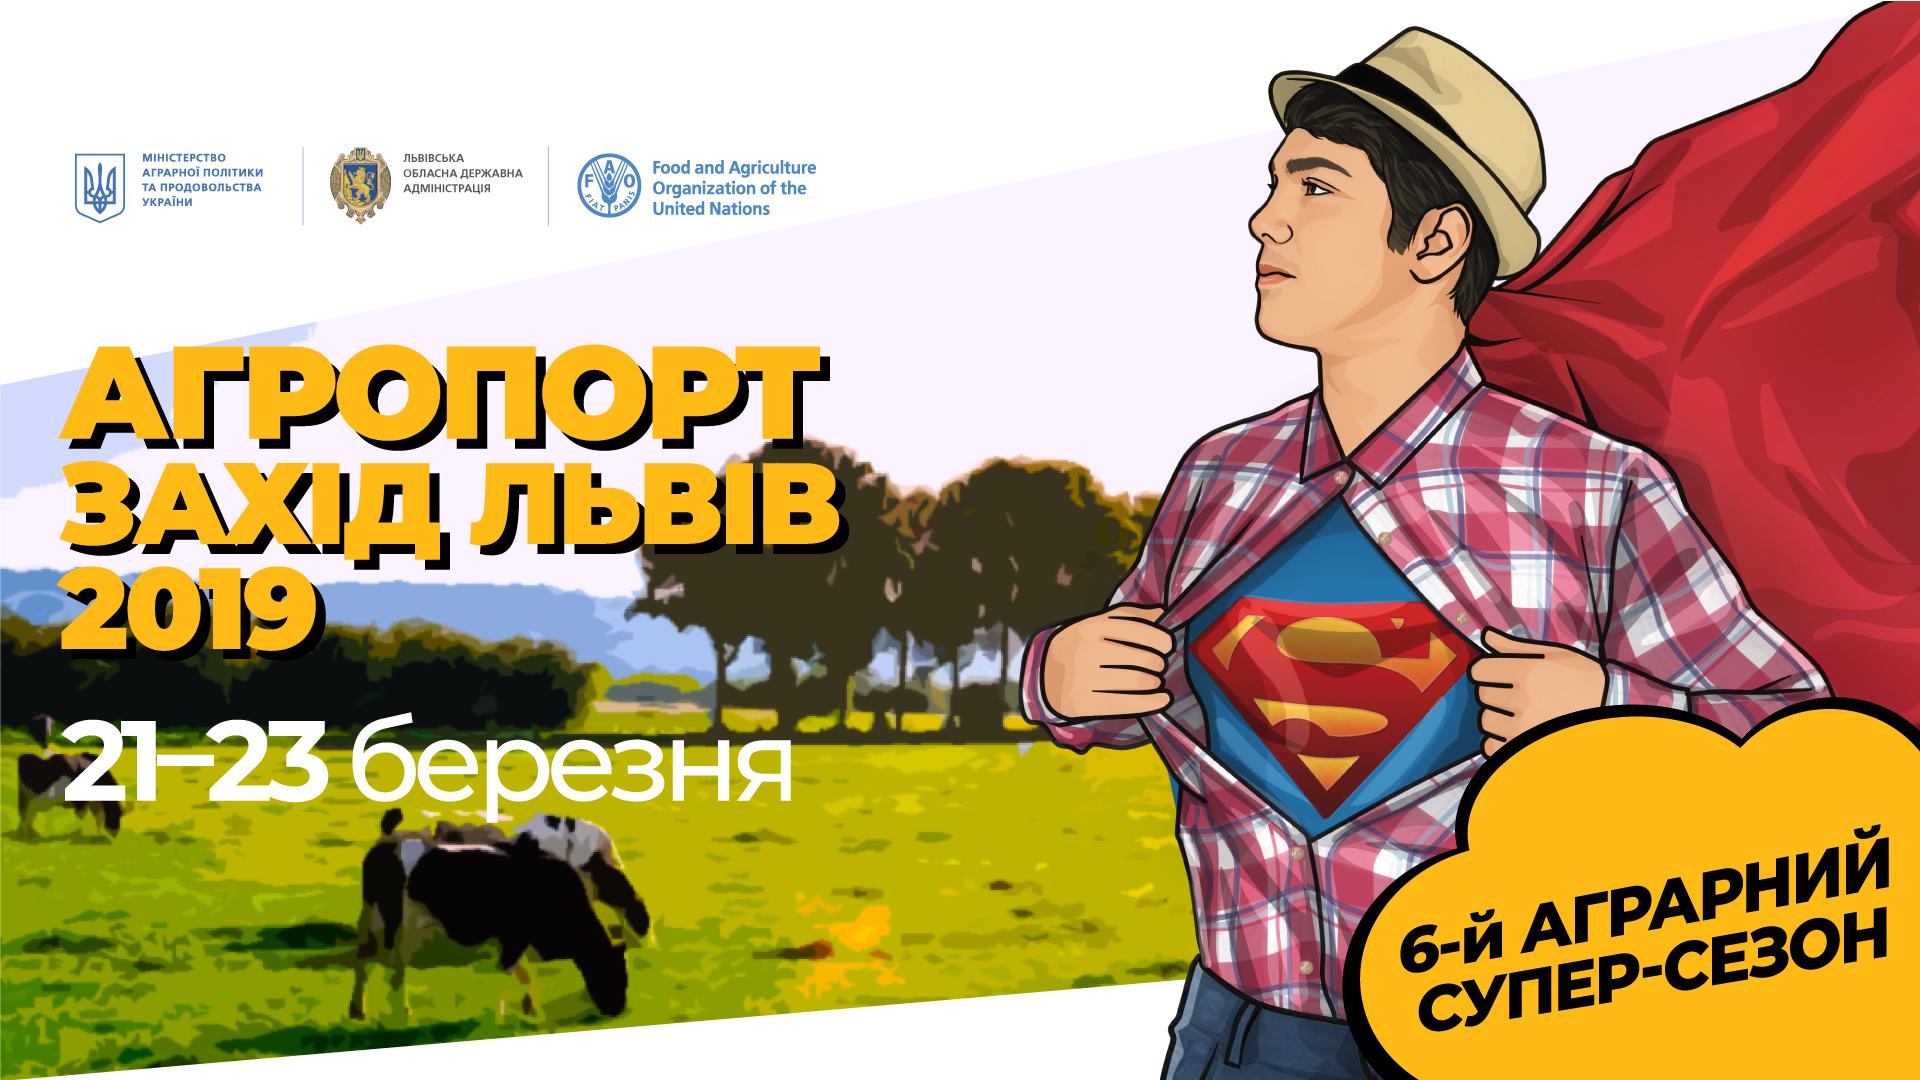 X Міжнародна агропромислова виставка та форум з розвитку фермерства